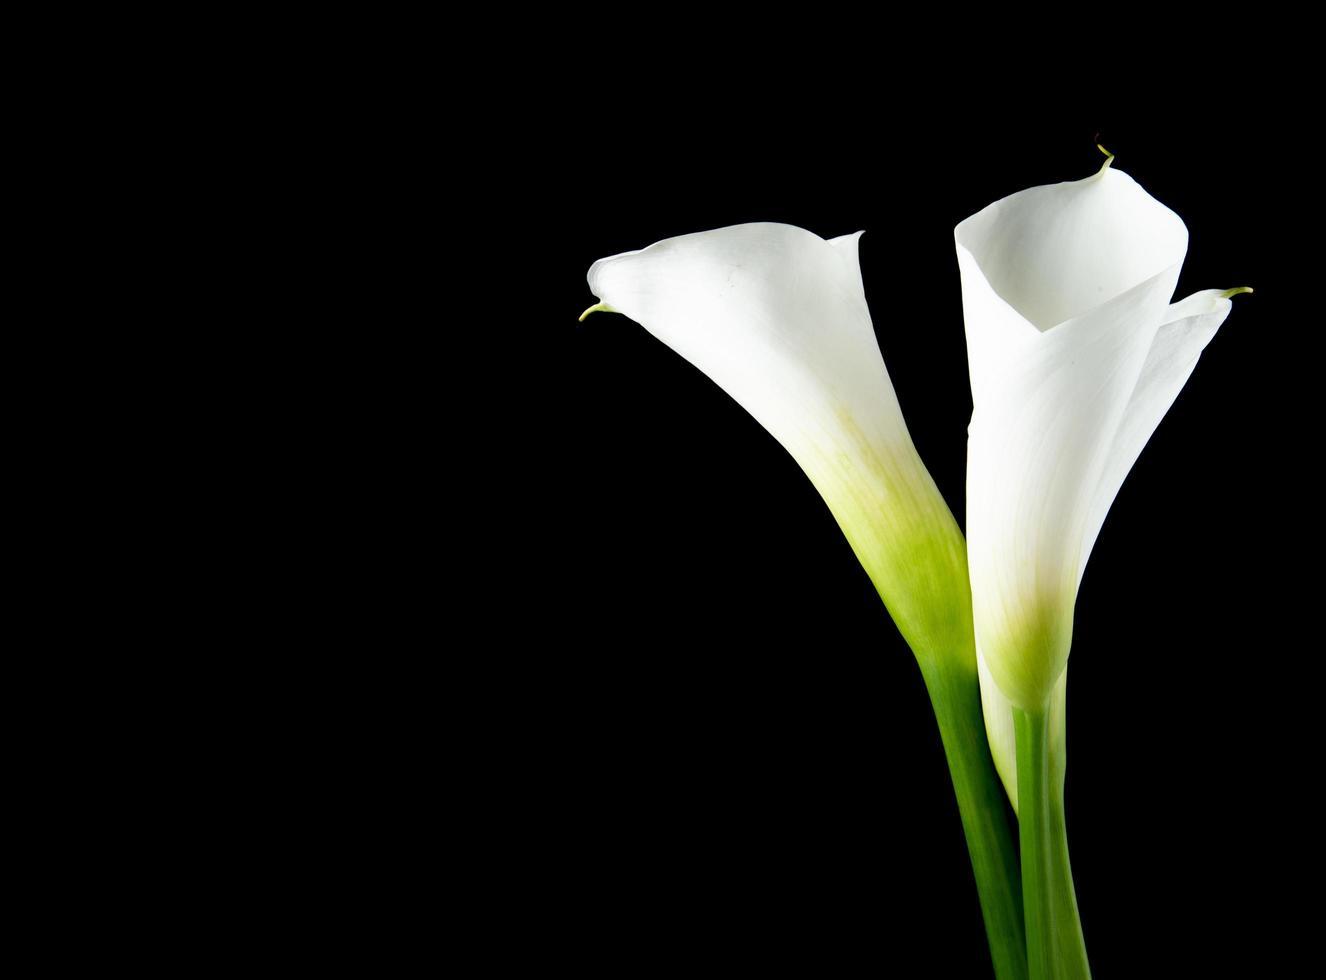 vita calla liljor isolerad på en svart bakgrund foto